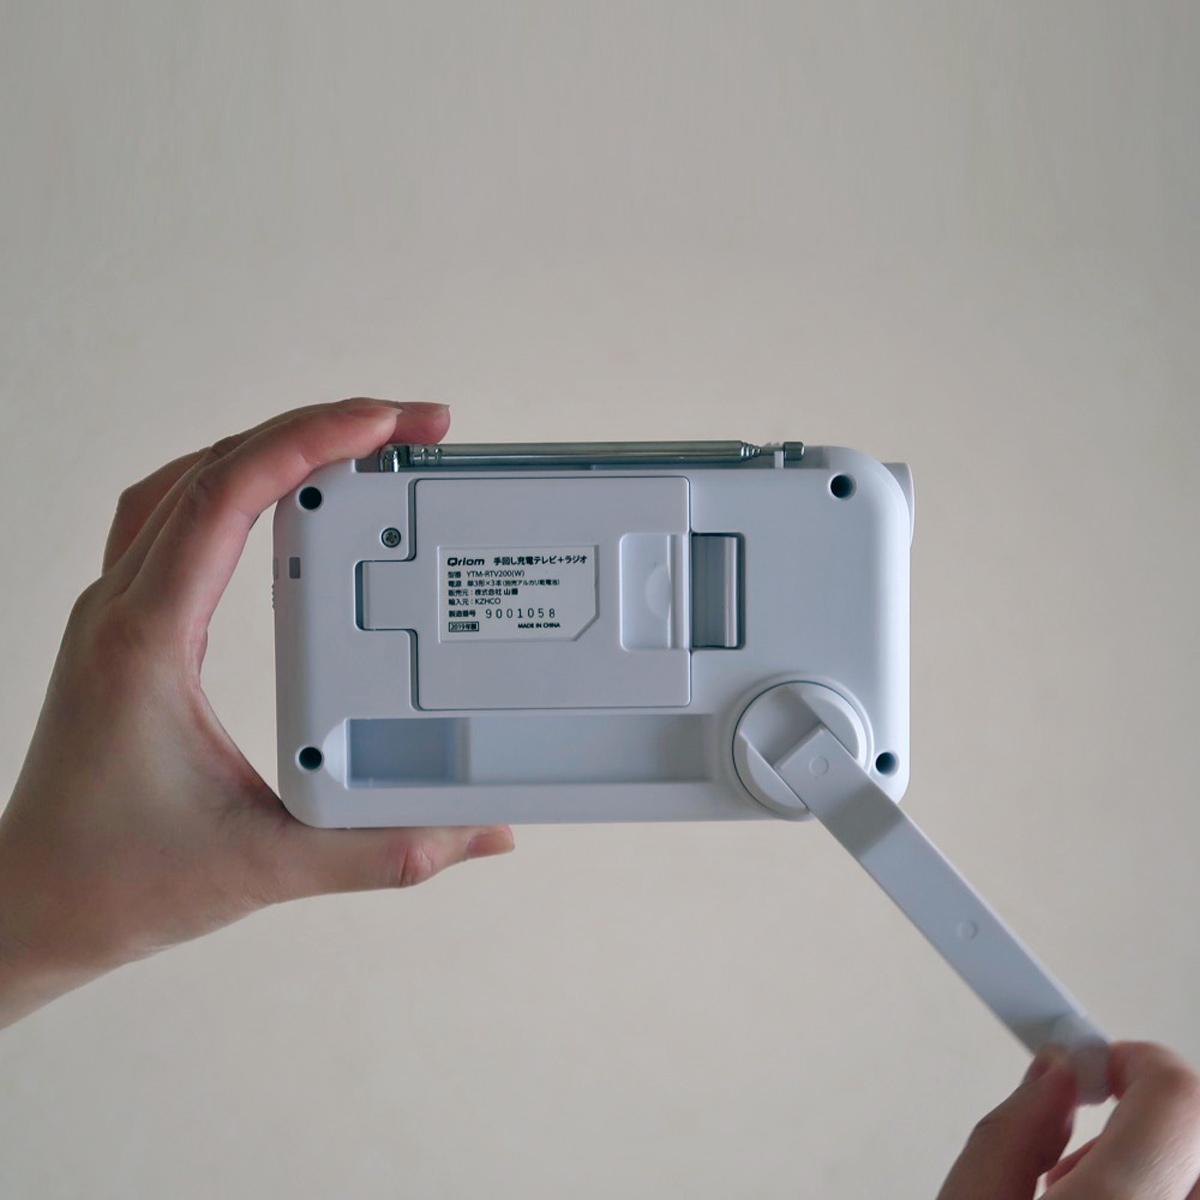 スマホも手回し充電OK!いざというときに役立つ多機能手回し充電テレビ+ラジオ「YTM-RTV200」